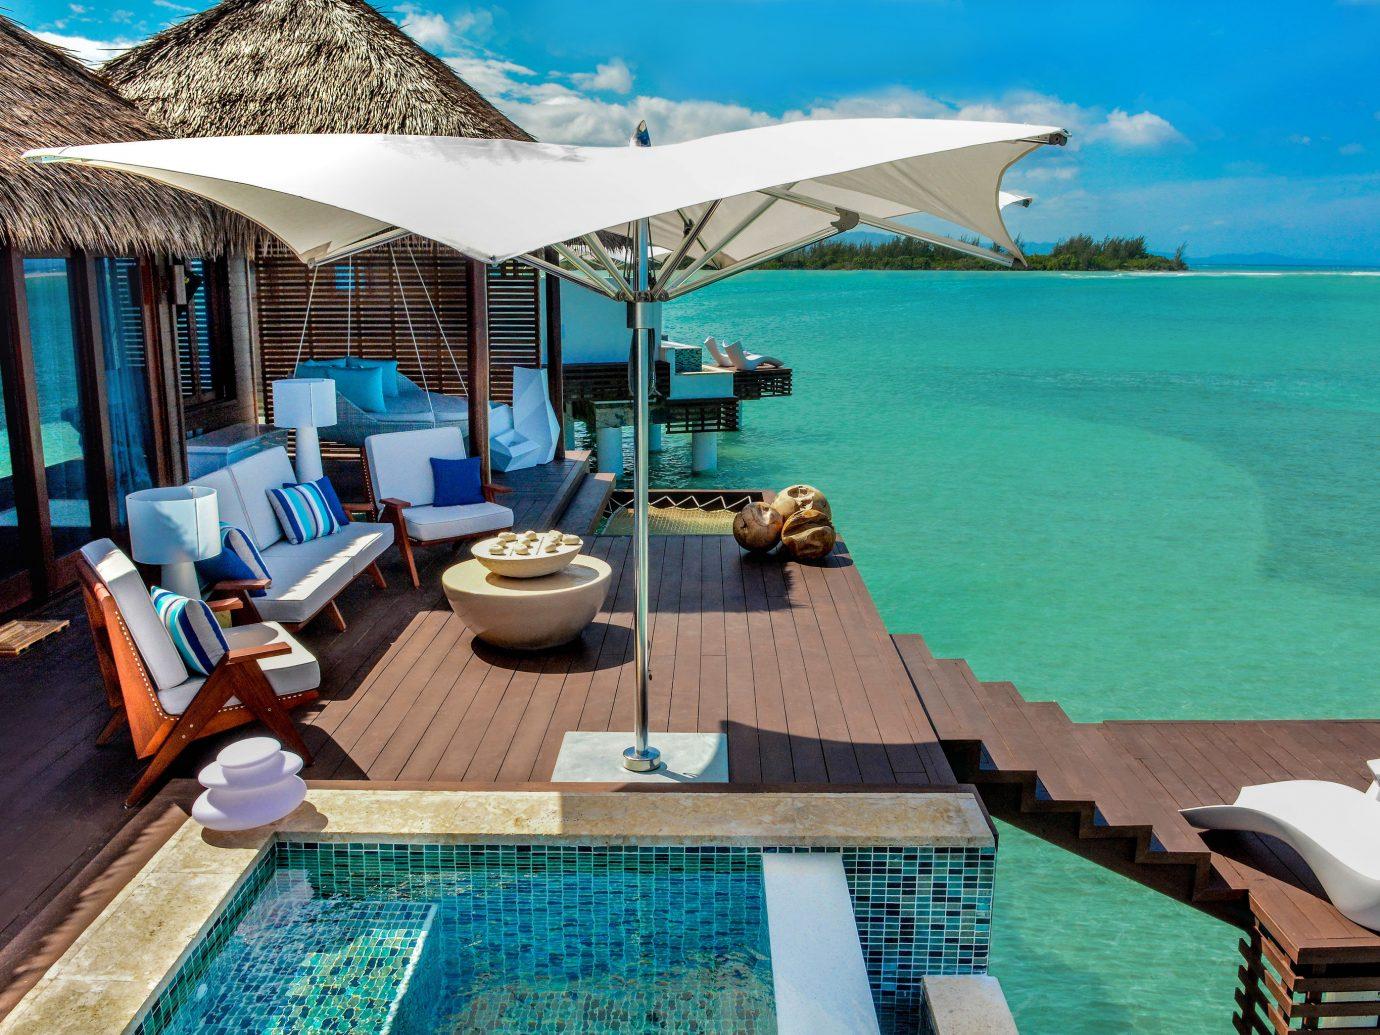 Sandals Royal Caribbean Resort, Montego Bay